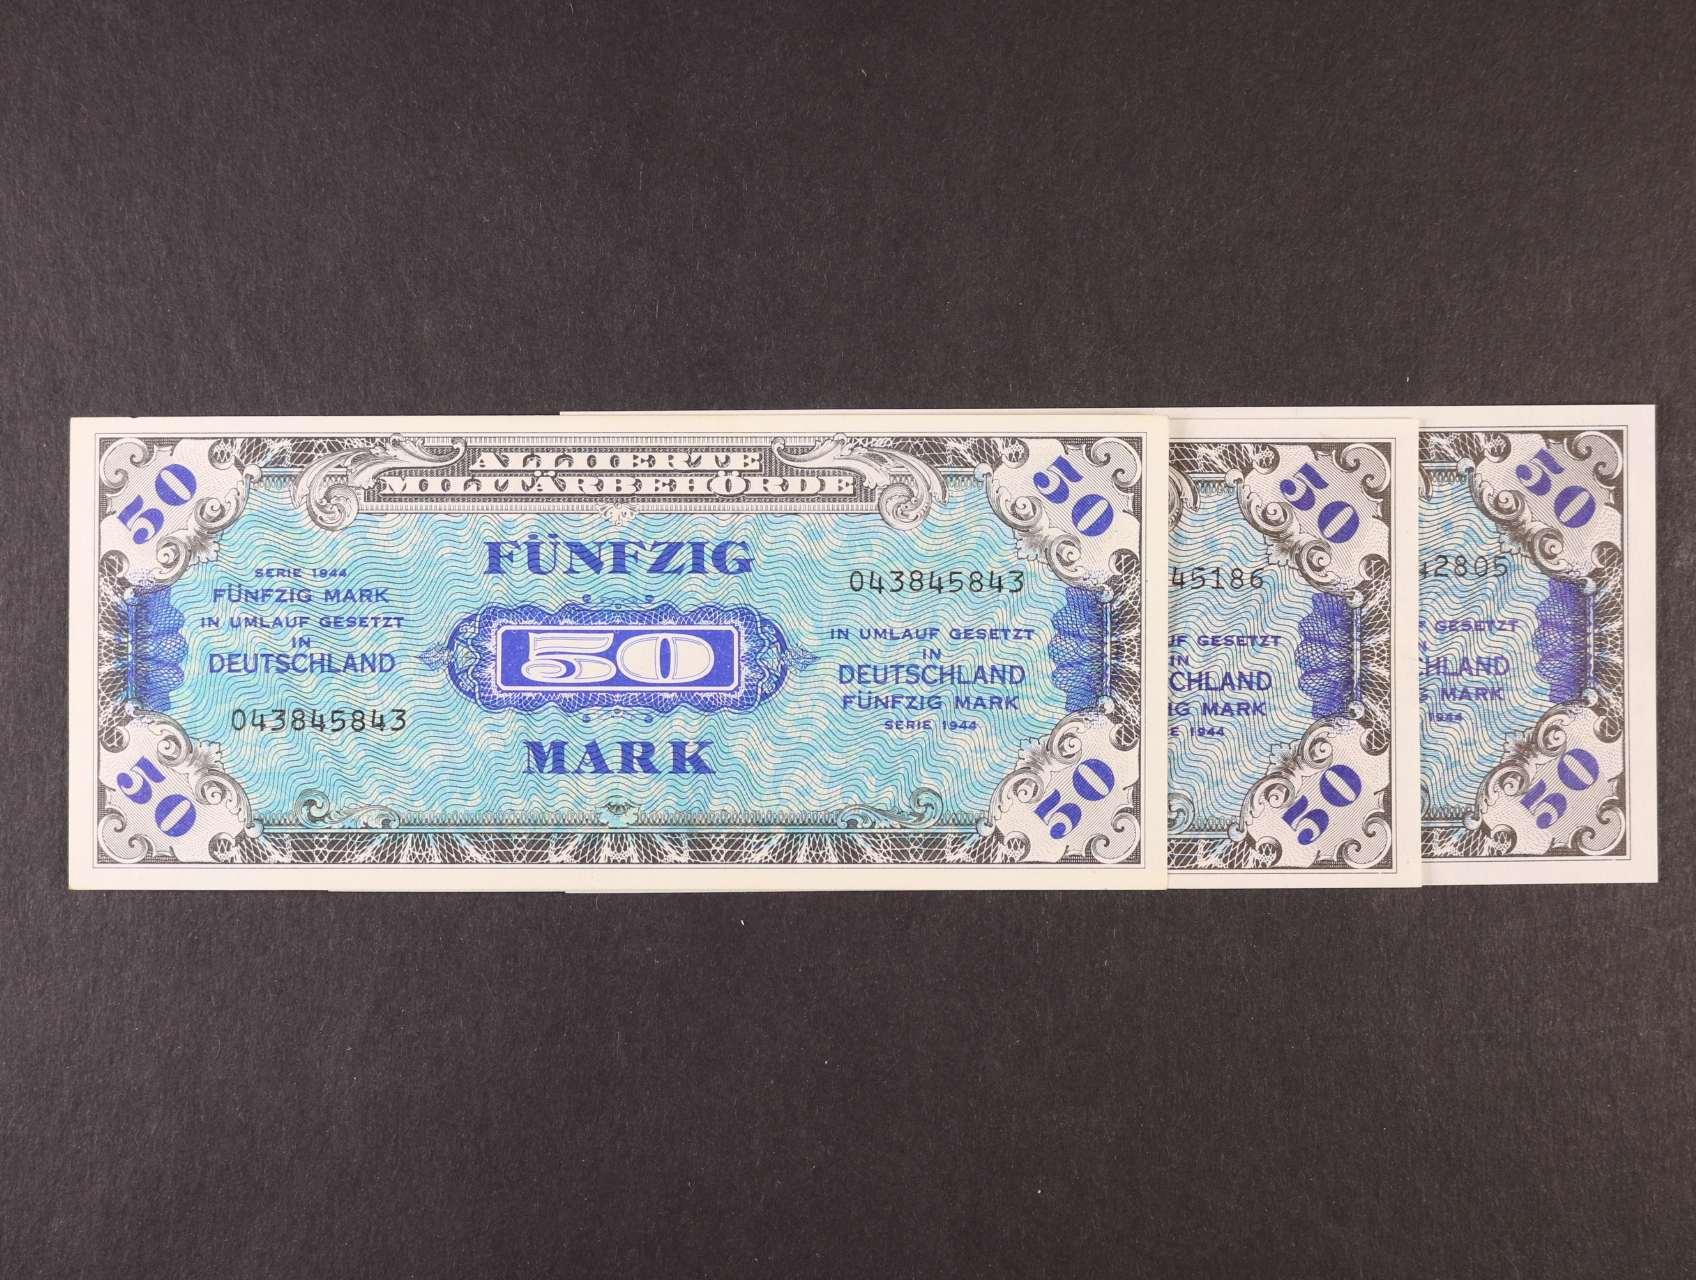 Allierte, 50 Mark 1944 9-ti místný číslovač, tisk USA + 8-mi a 9-ti místný číslovač, tisk SSSR, platné na ČS území, Ro. 205 a, c, d, Ba. AM6a, c, d